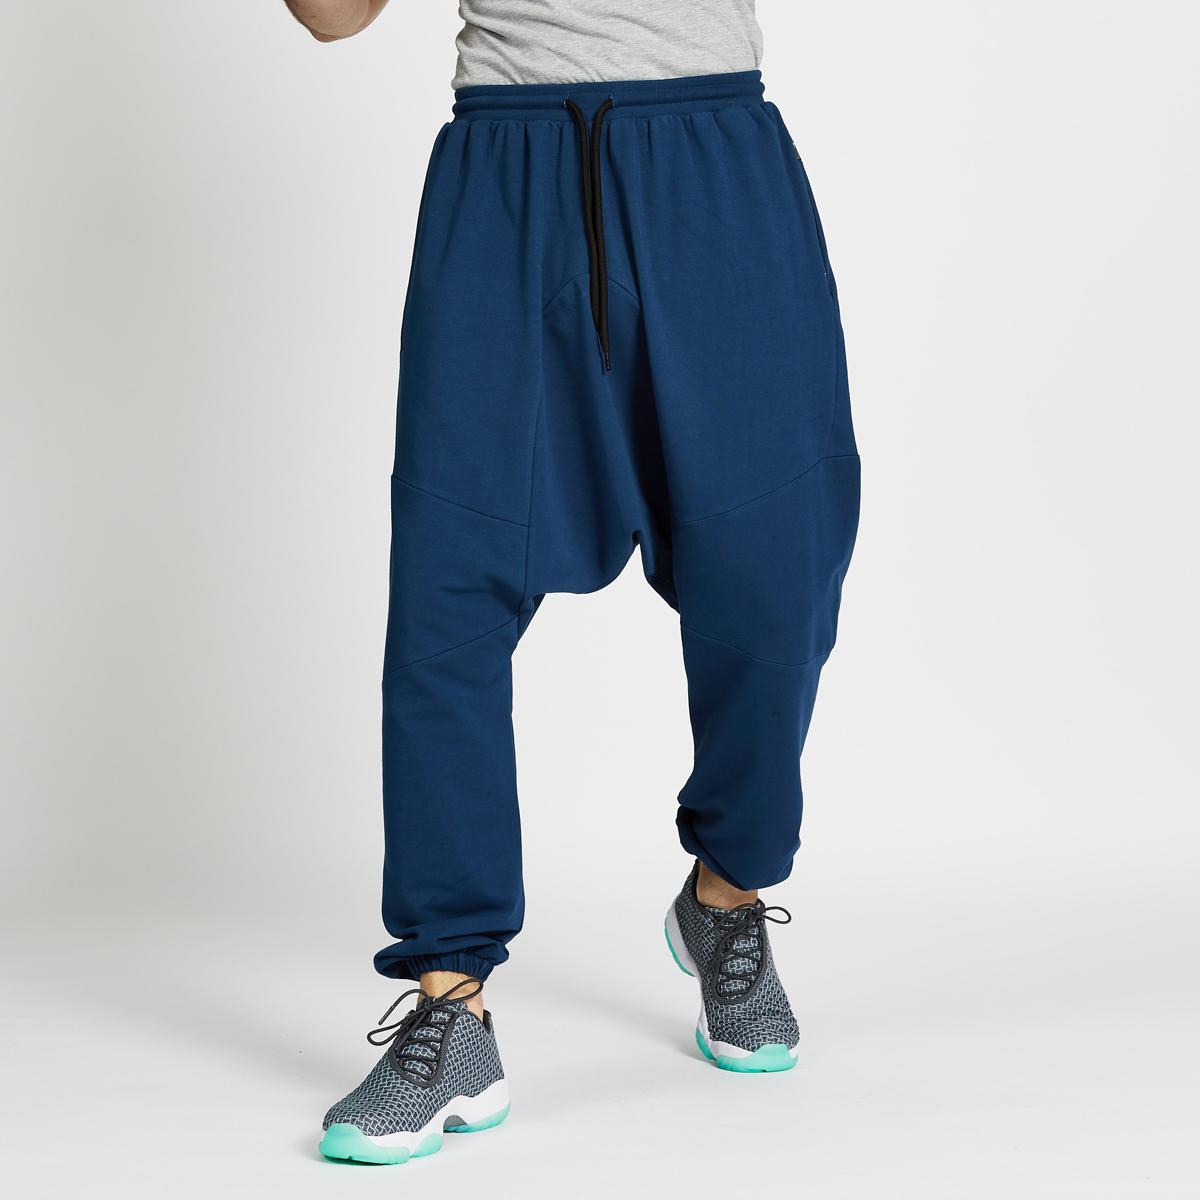 Saroual Jogging BLEU Indigo evo long S18 - DCJeans ® - sarouel ... 7cb94cea669